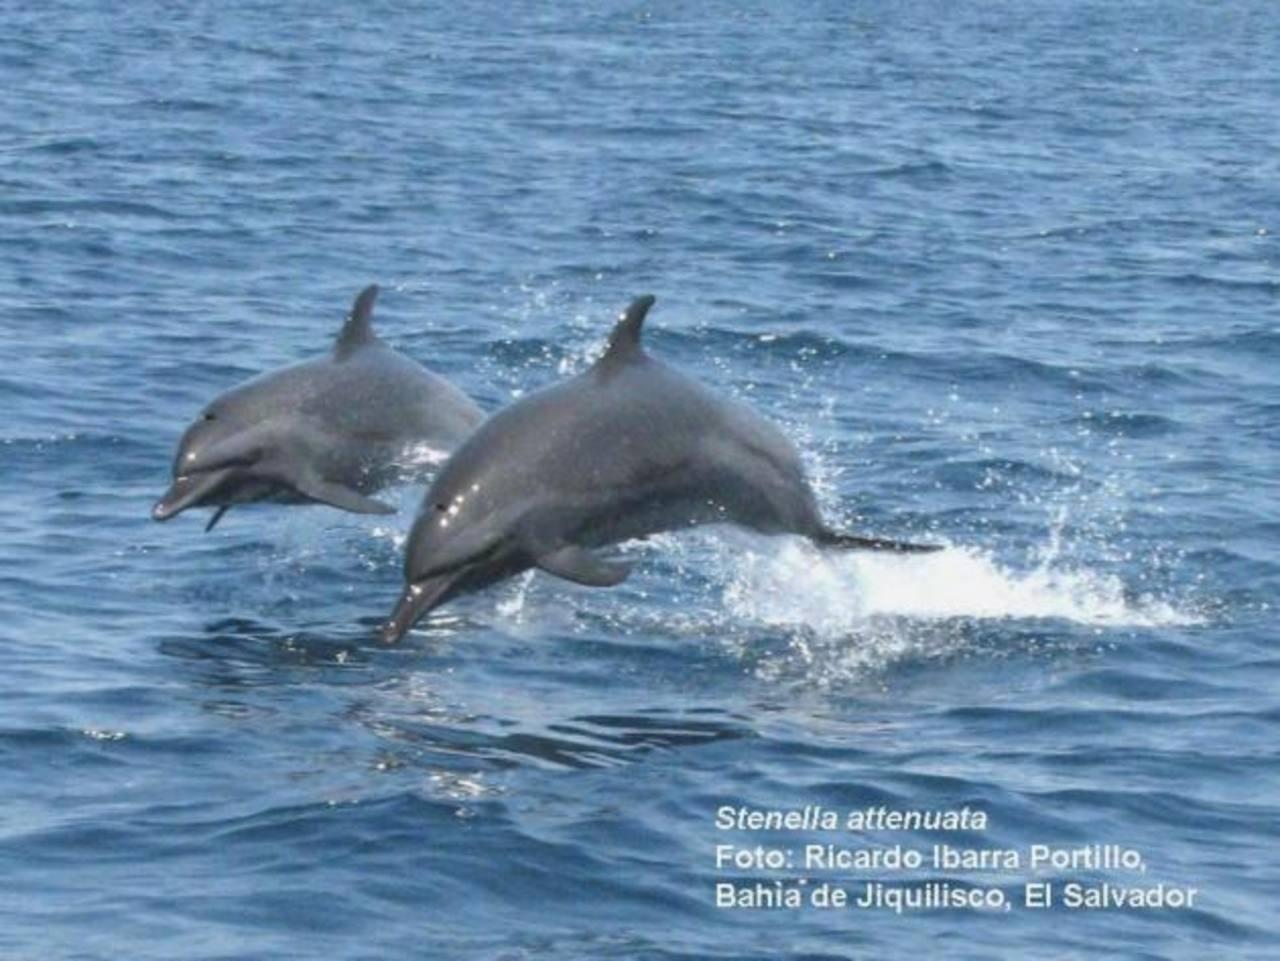 La Bahía de Jiquilisco, en Usulután, es otro punto del país visitado por delfines.